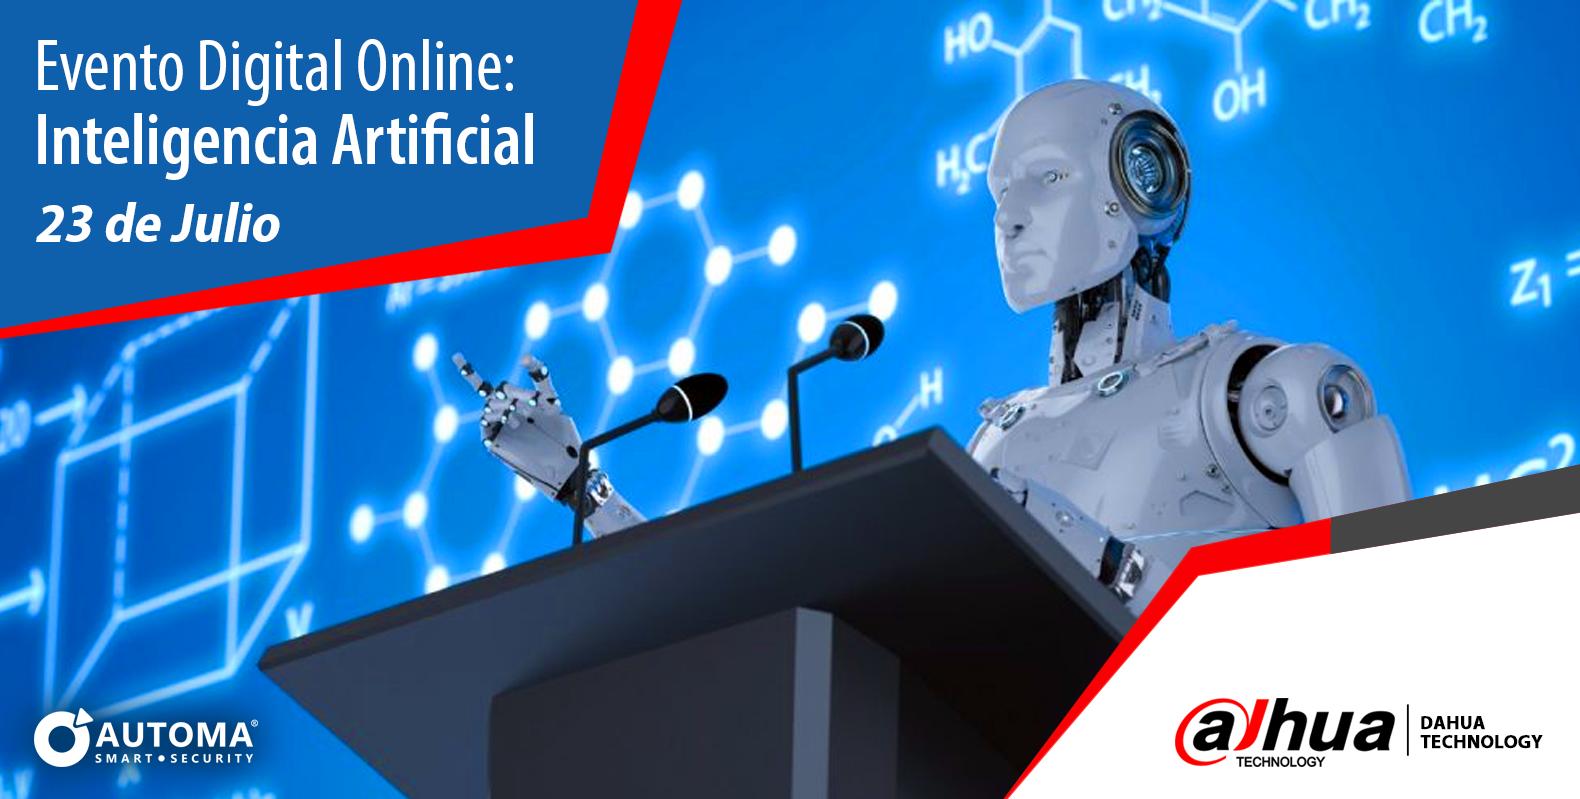 Evento Digital Online  IA Dahua | Automa®